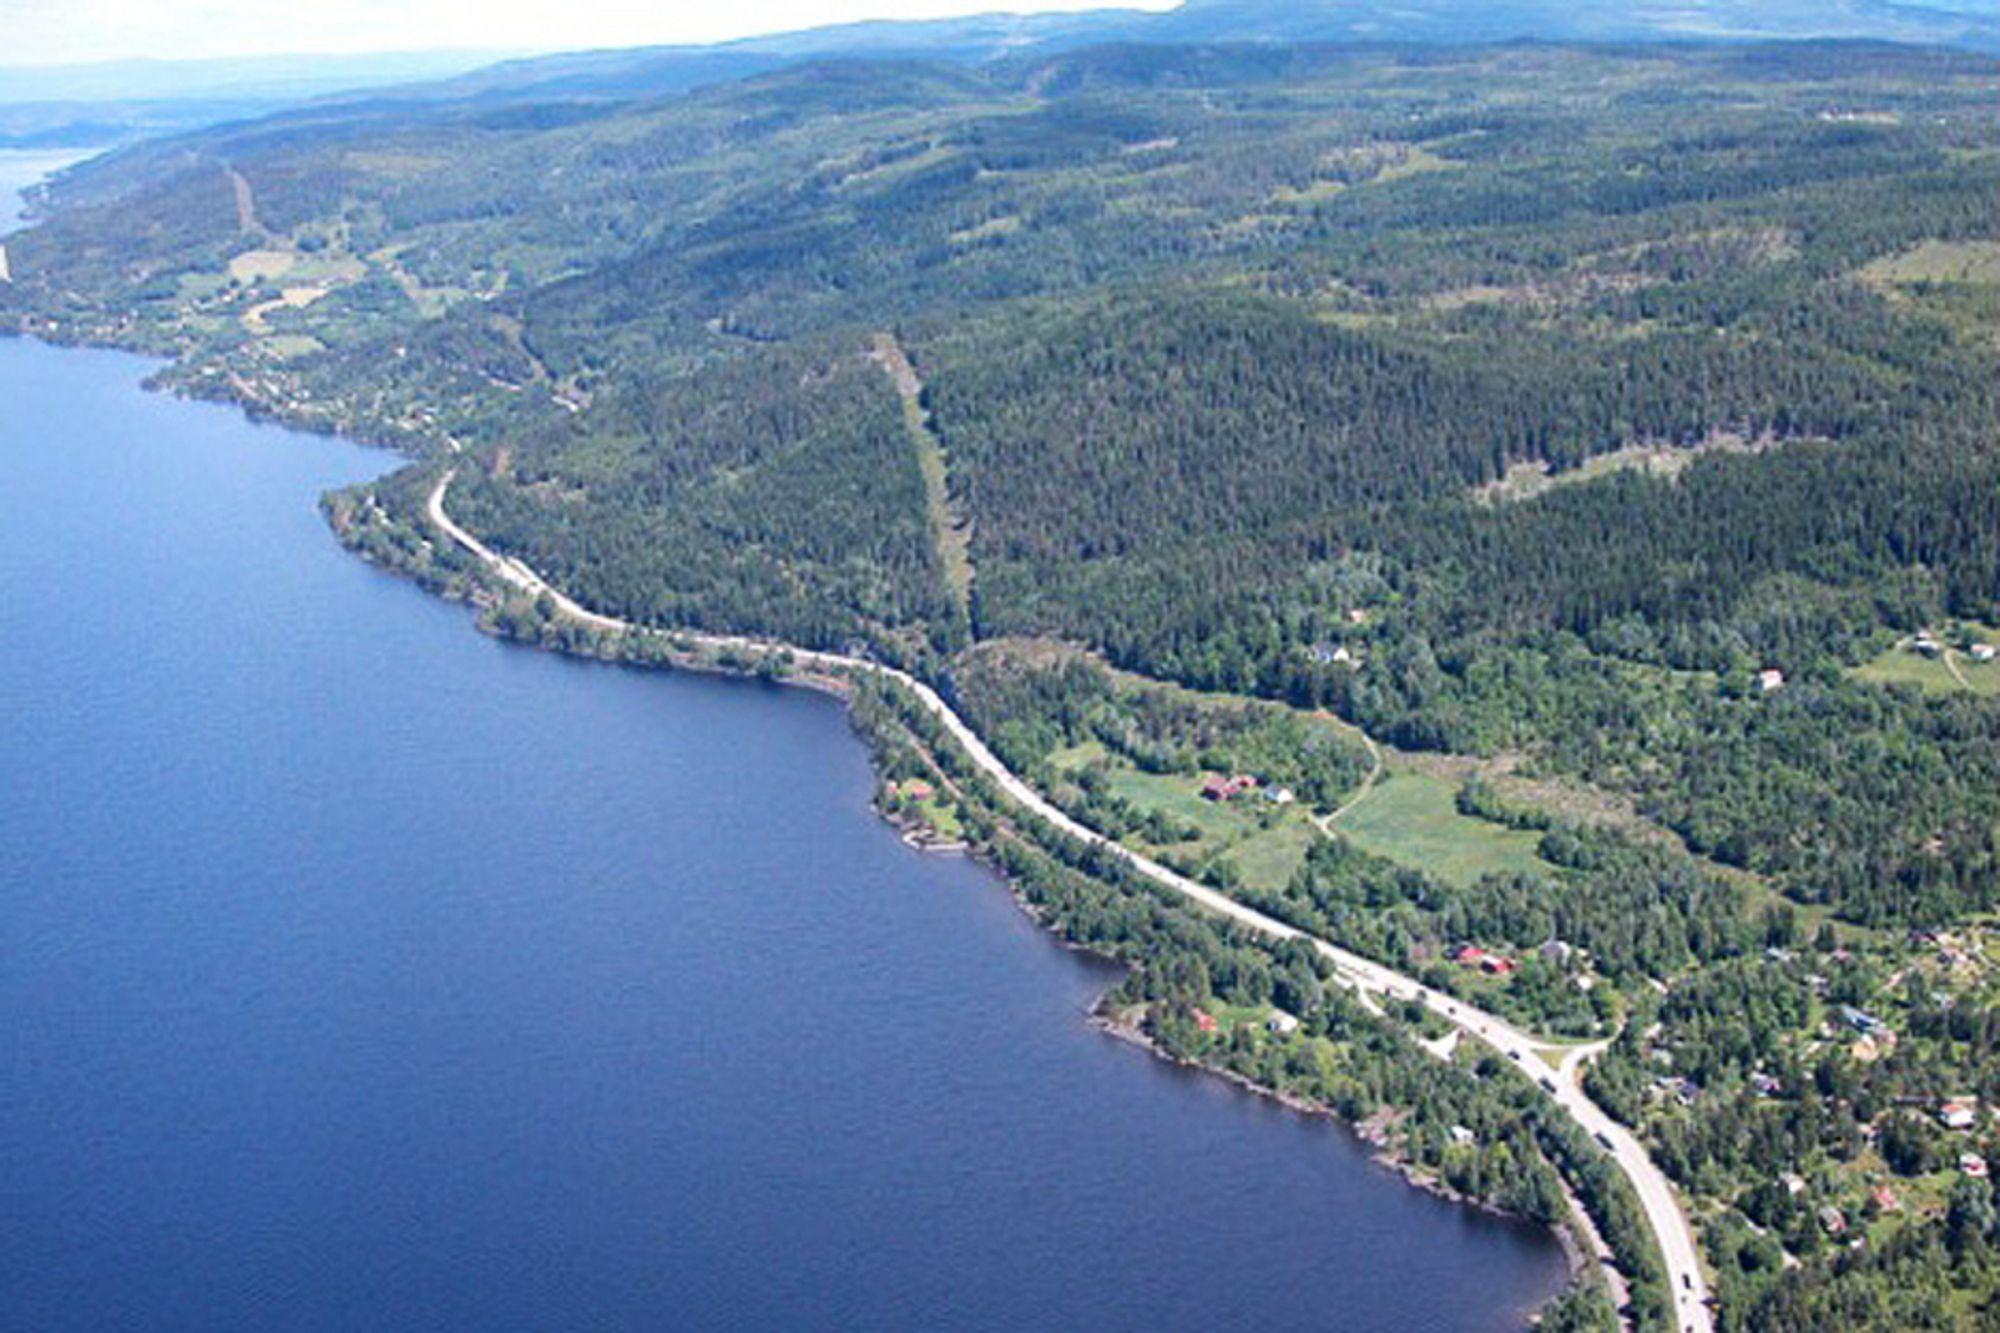 DOBBELT: Her, langs østsiden av Mjøsa skal det bygges dobbelt i dobbelt forstand: dobbeltspor for Jernbaneverket og firefelts motorvei for Statens Vegvesen.